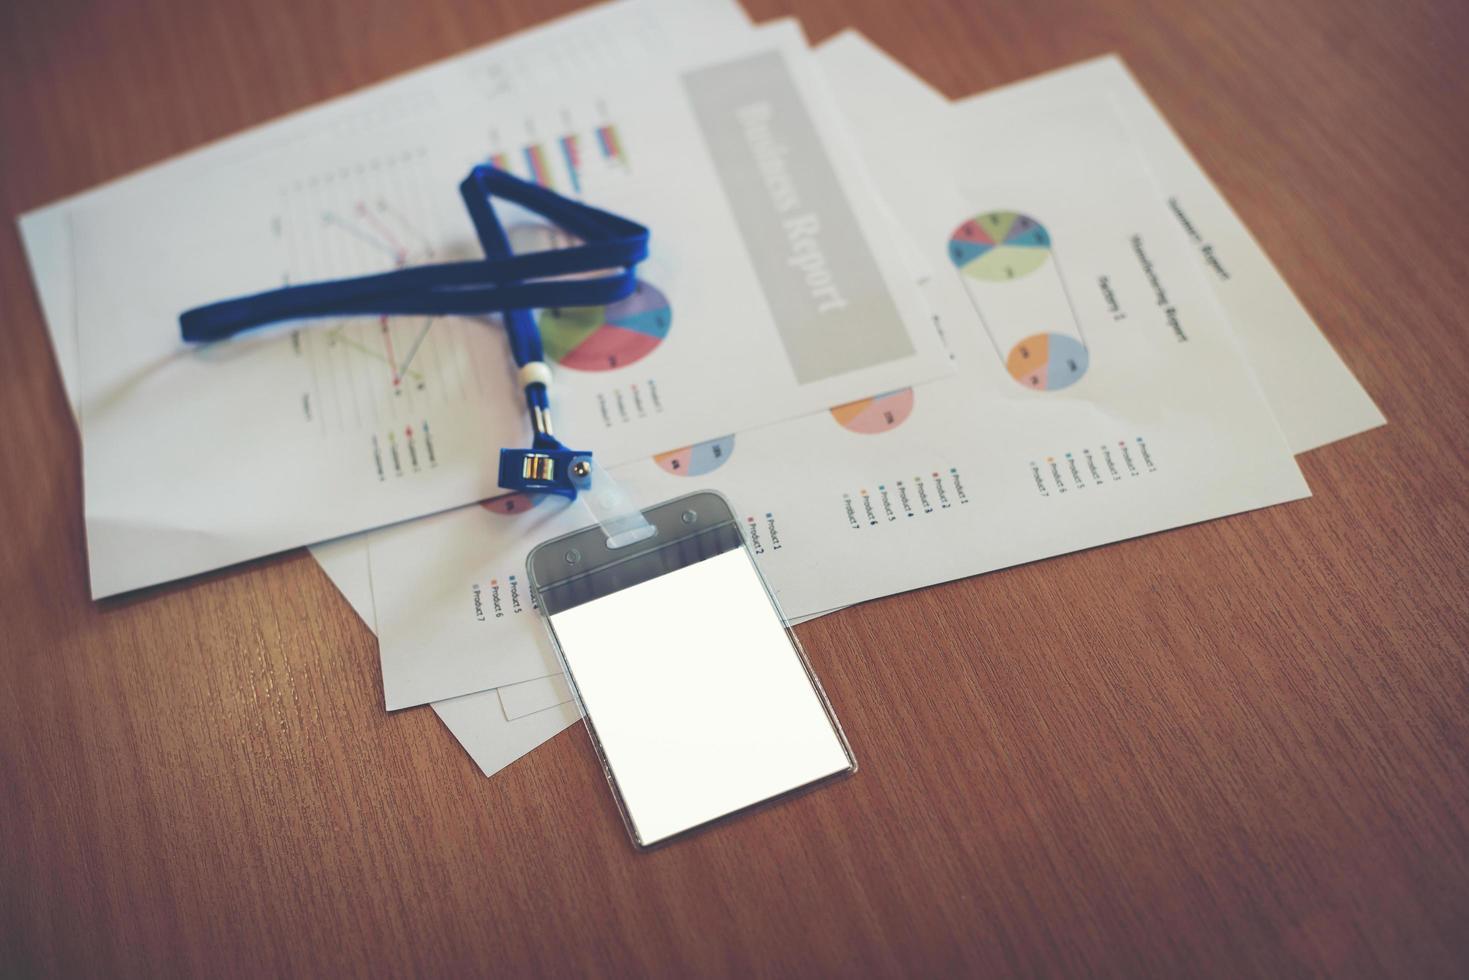 documentos de negócios com cartão de funcionário em branco no espaço de trabalho foto